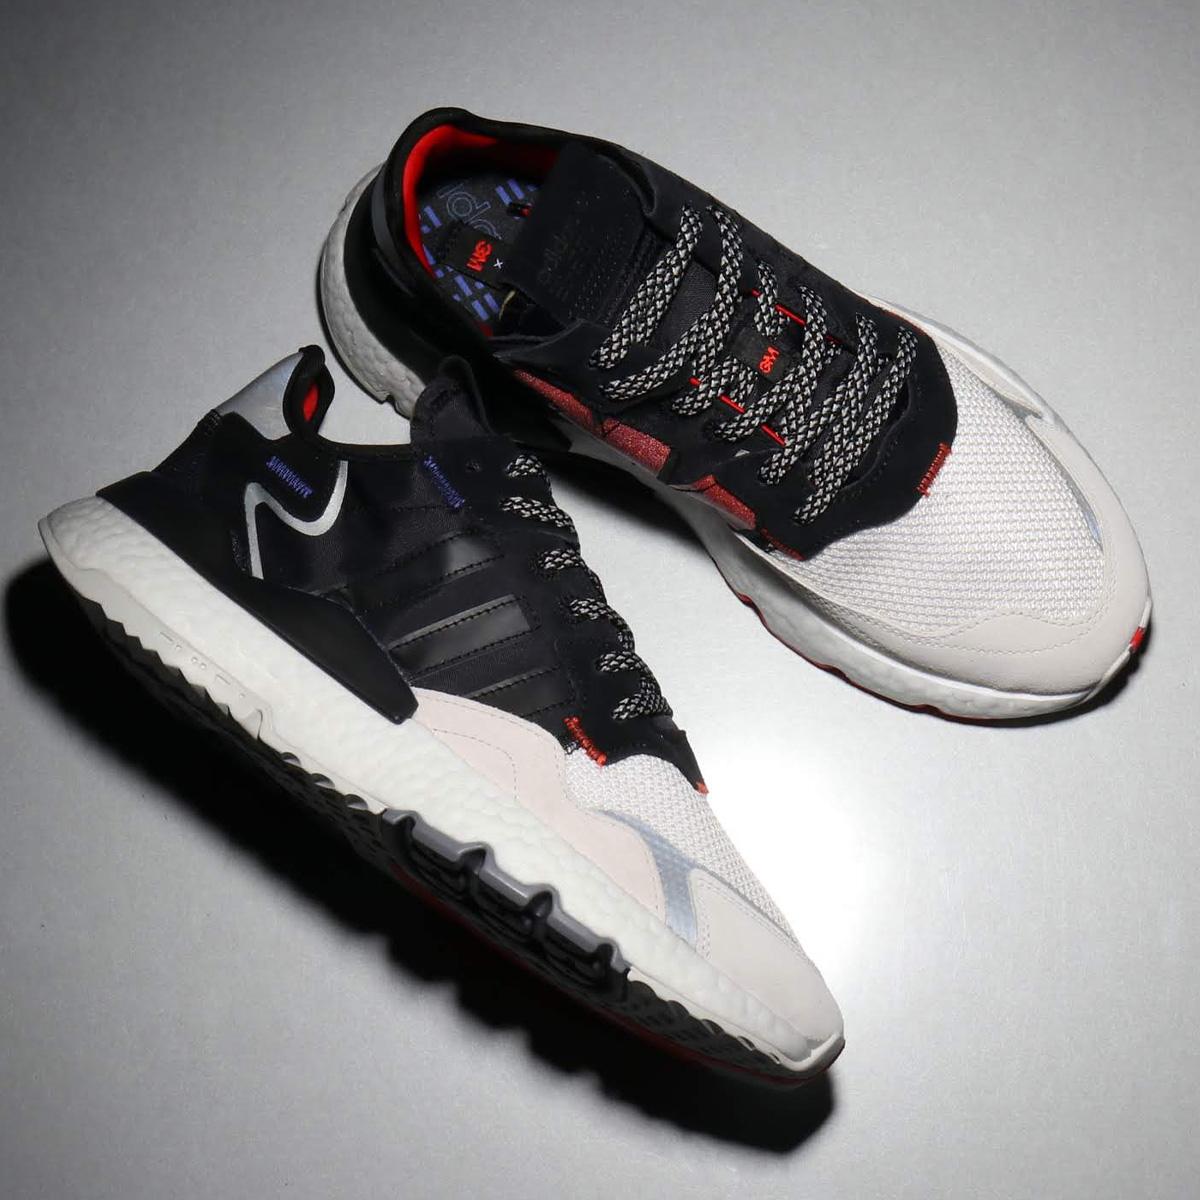 adidas Originals NITE JOGGER(アディダスオリジナルス ナイトジョガー)CORE BLACK/CORE BLACK/CRYSTAL WHITE【メンズ レディース スニーカー】19FW-S